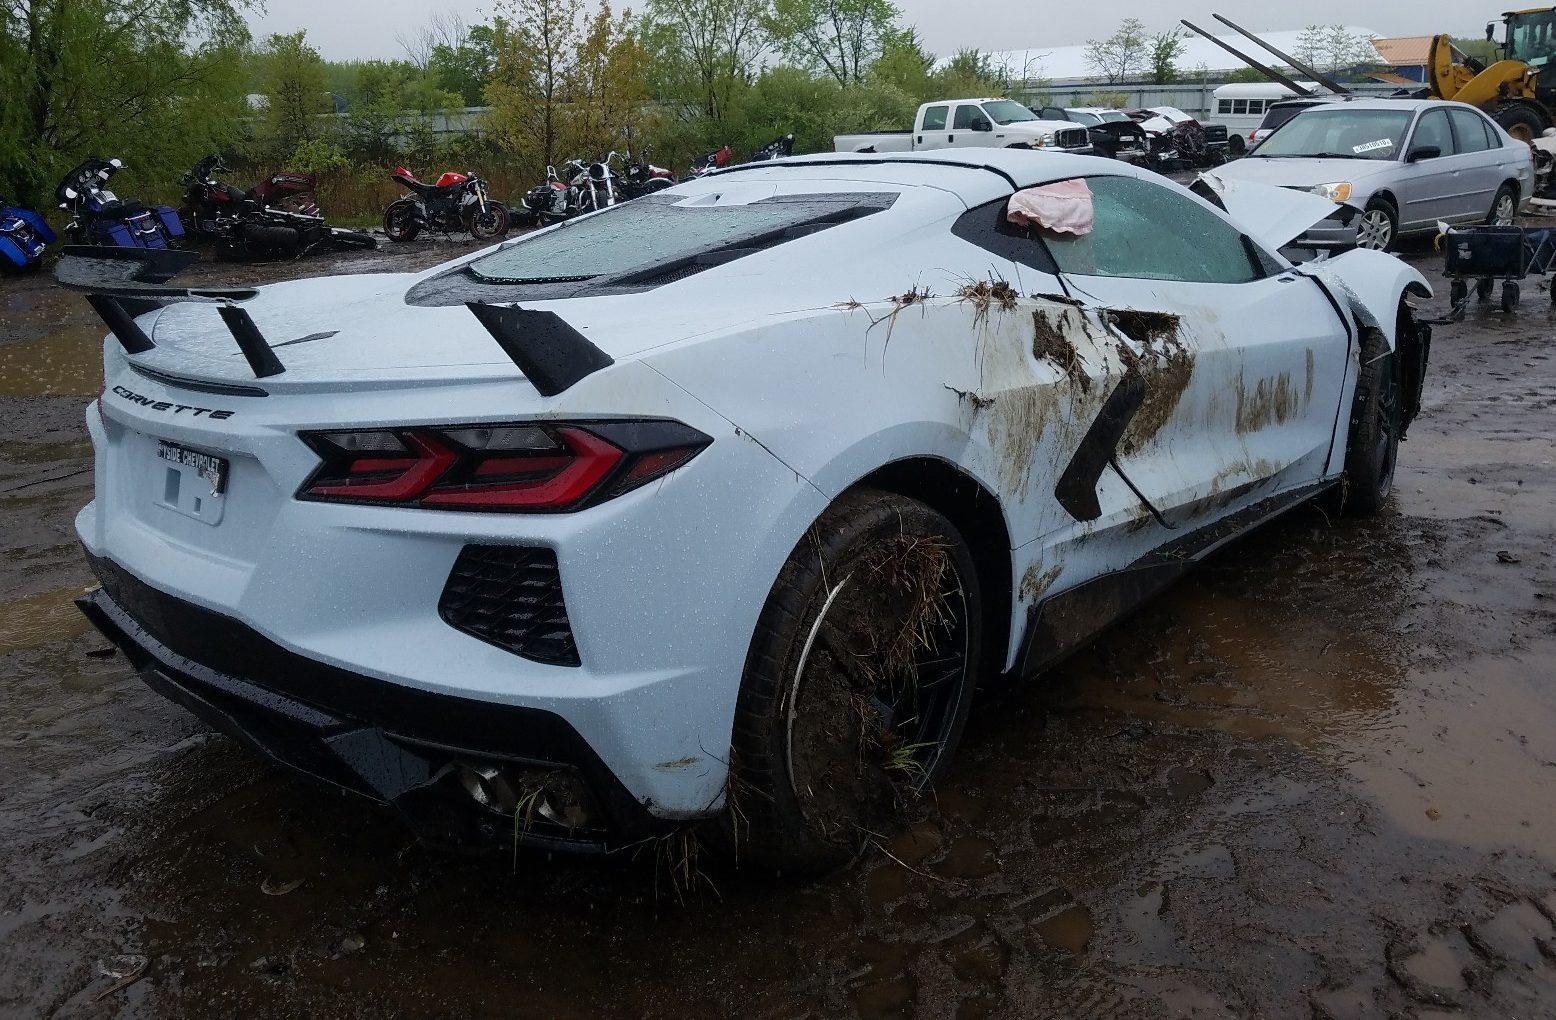 Kì lạ chiếc Corvette rách bươm sau tai nạn được rao bán đắt hơn xe mới - 5